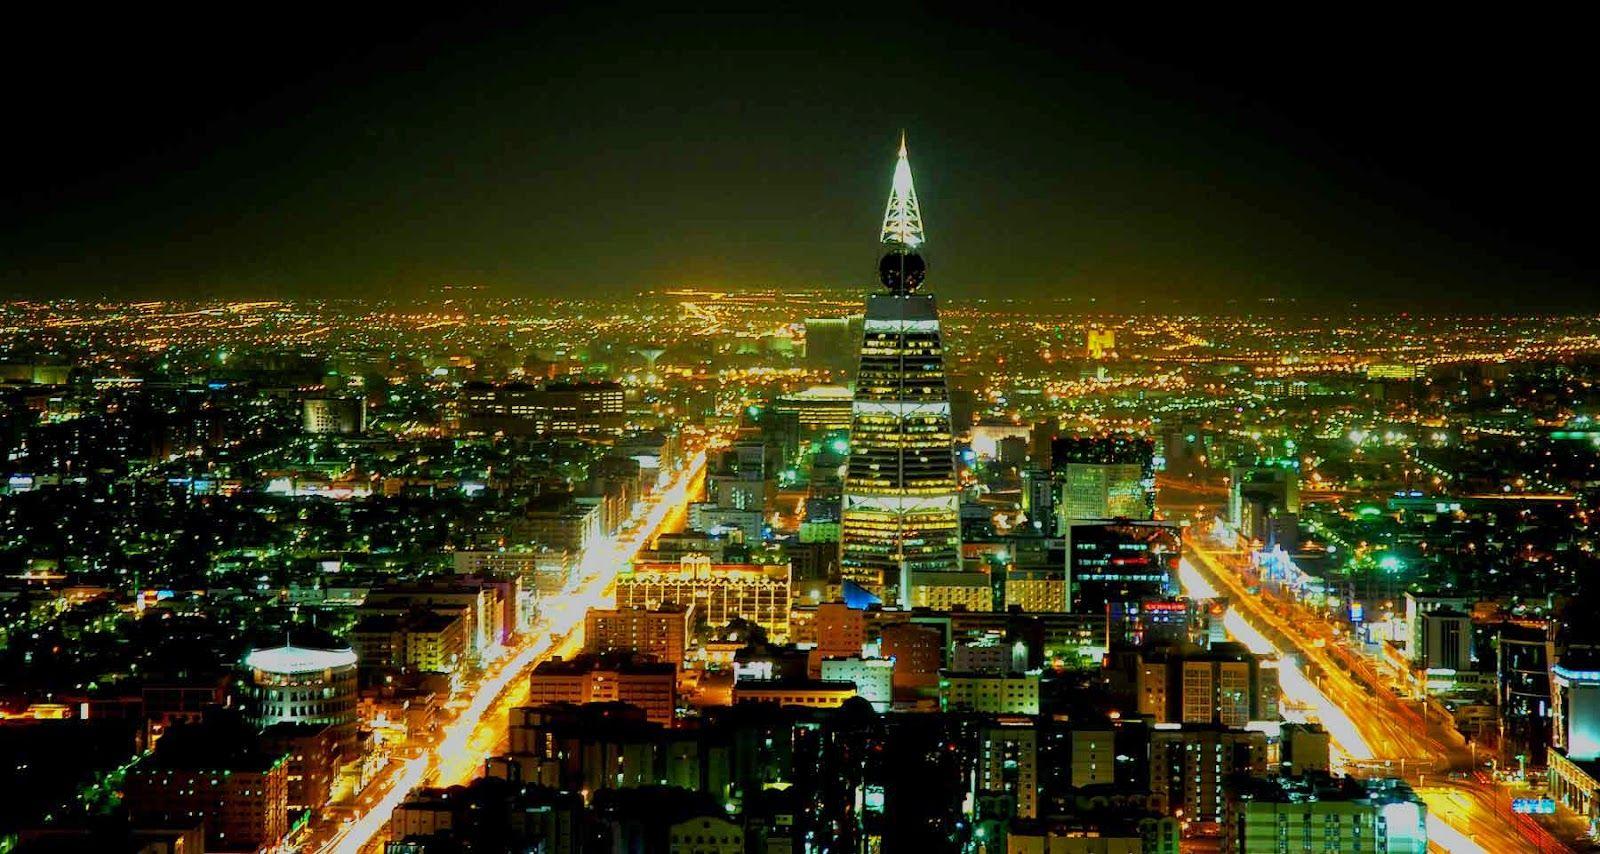 خلفيات عالية الدقة لأماكن جميلة في المملكة العربية السعودية مداد الجليد Landmarks Building Burj Khalifa